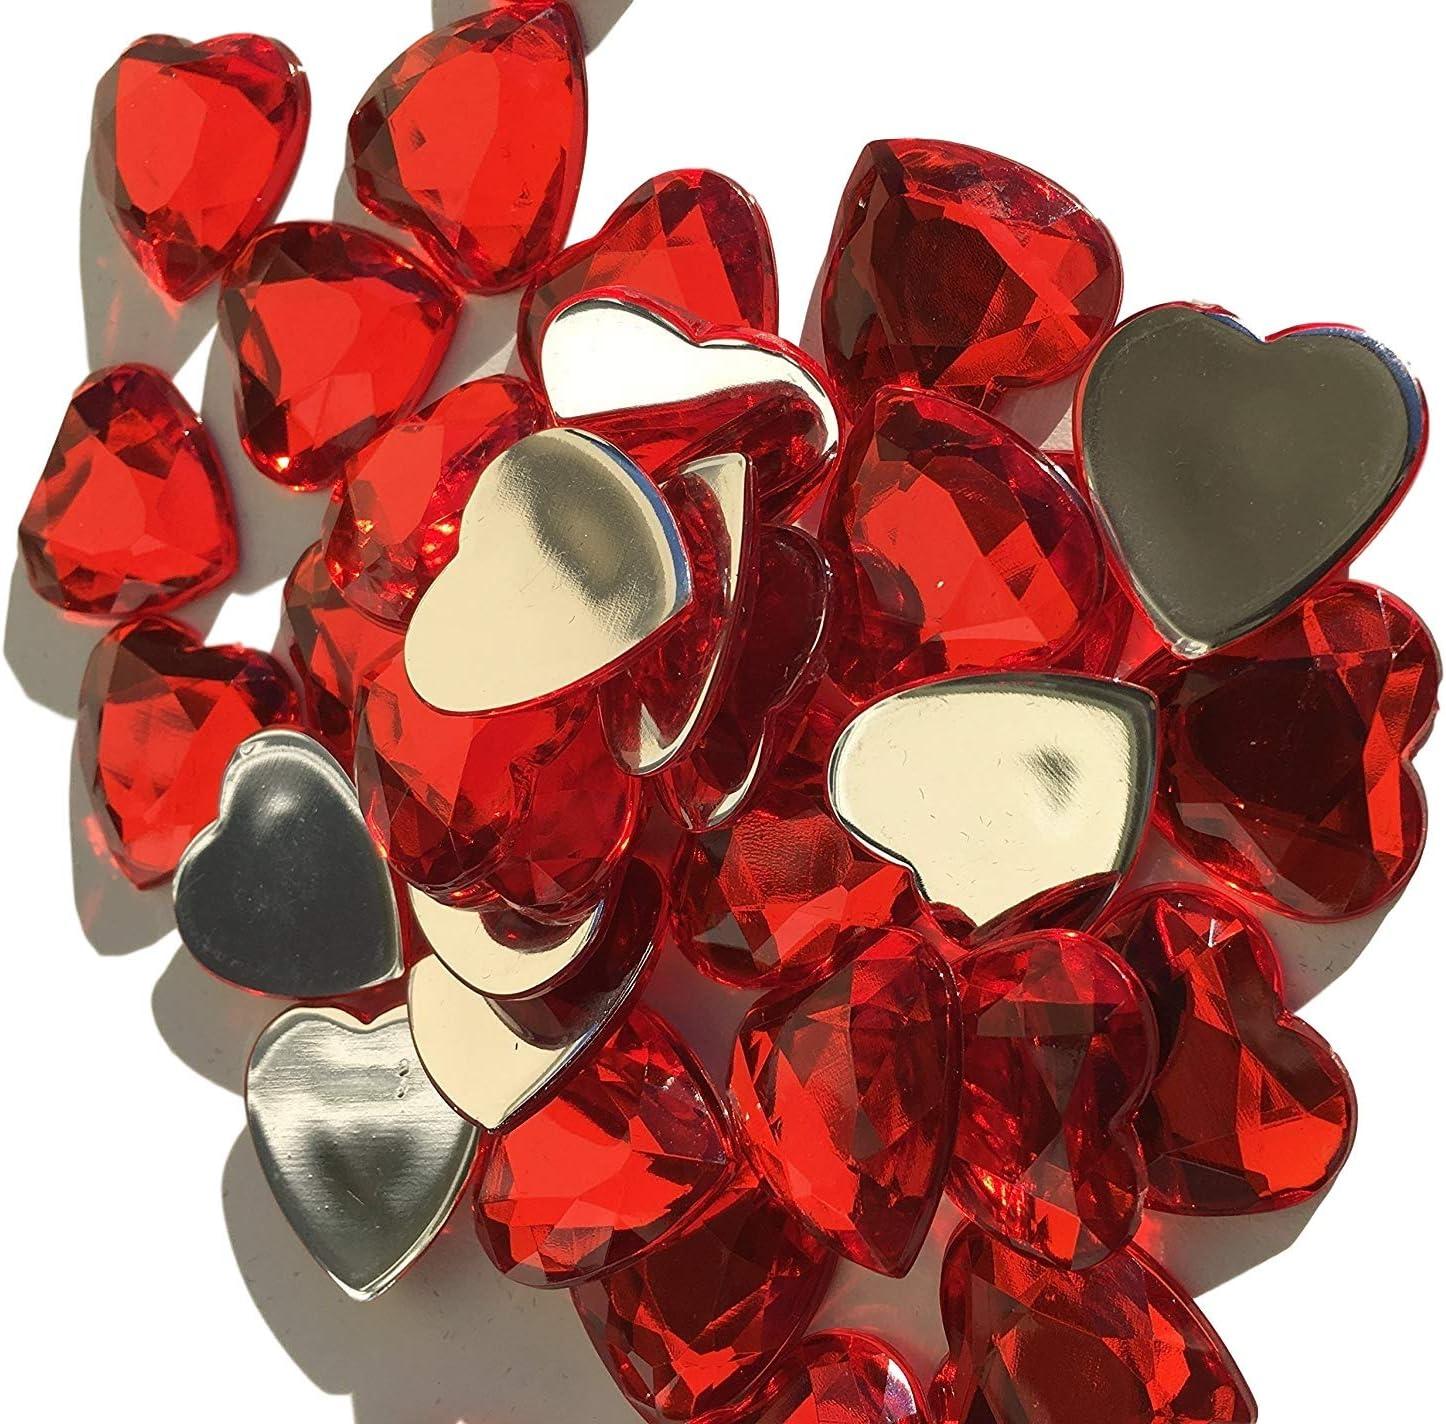 120 pcs brillante pedrería de cristal decorativa de corazón de 20 mm de colour rojo para Manualidades Gltzersteine piedras preciosas piedras brillantes para decorar de la decoración de amor y de cryst